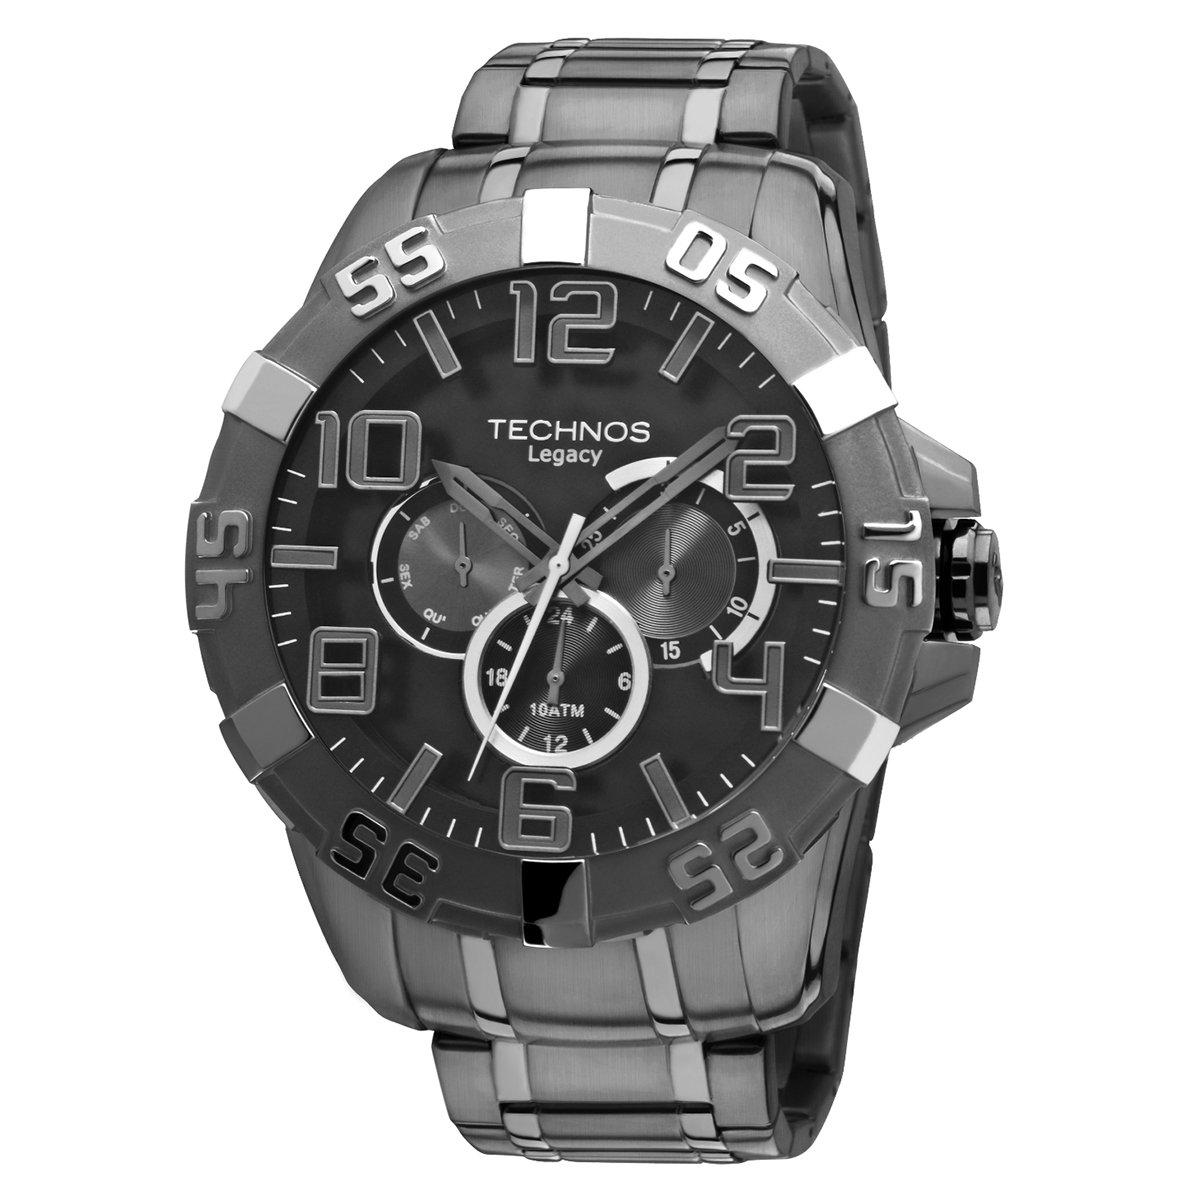 8dfa047eb79a6 Relógio Technos Legacy - Compre Agora   Netshoes